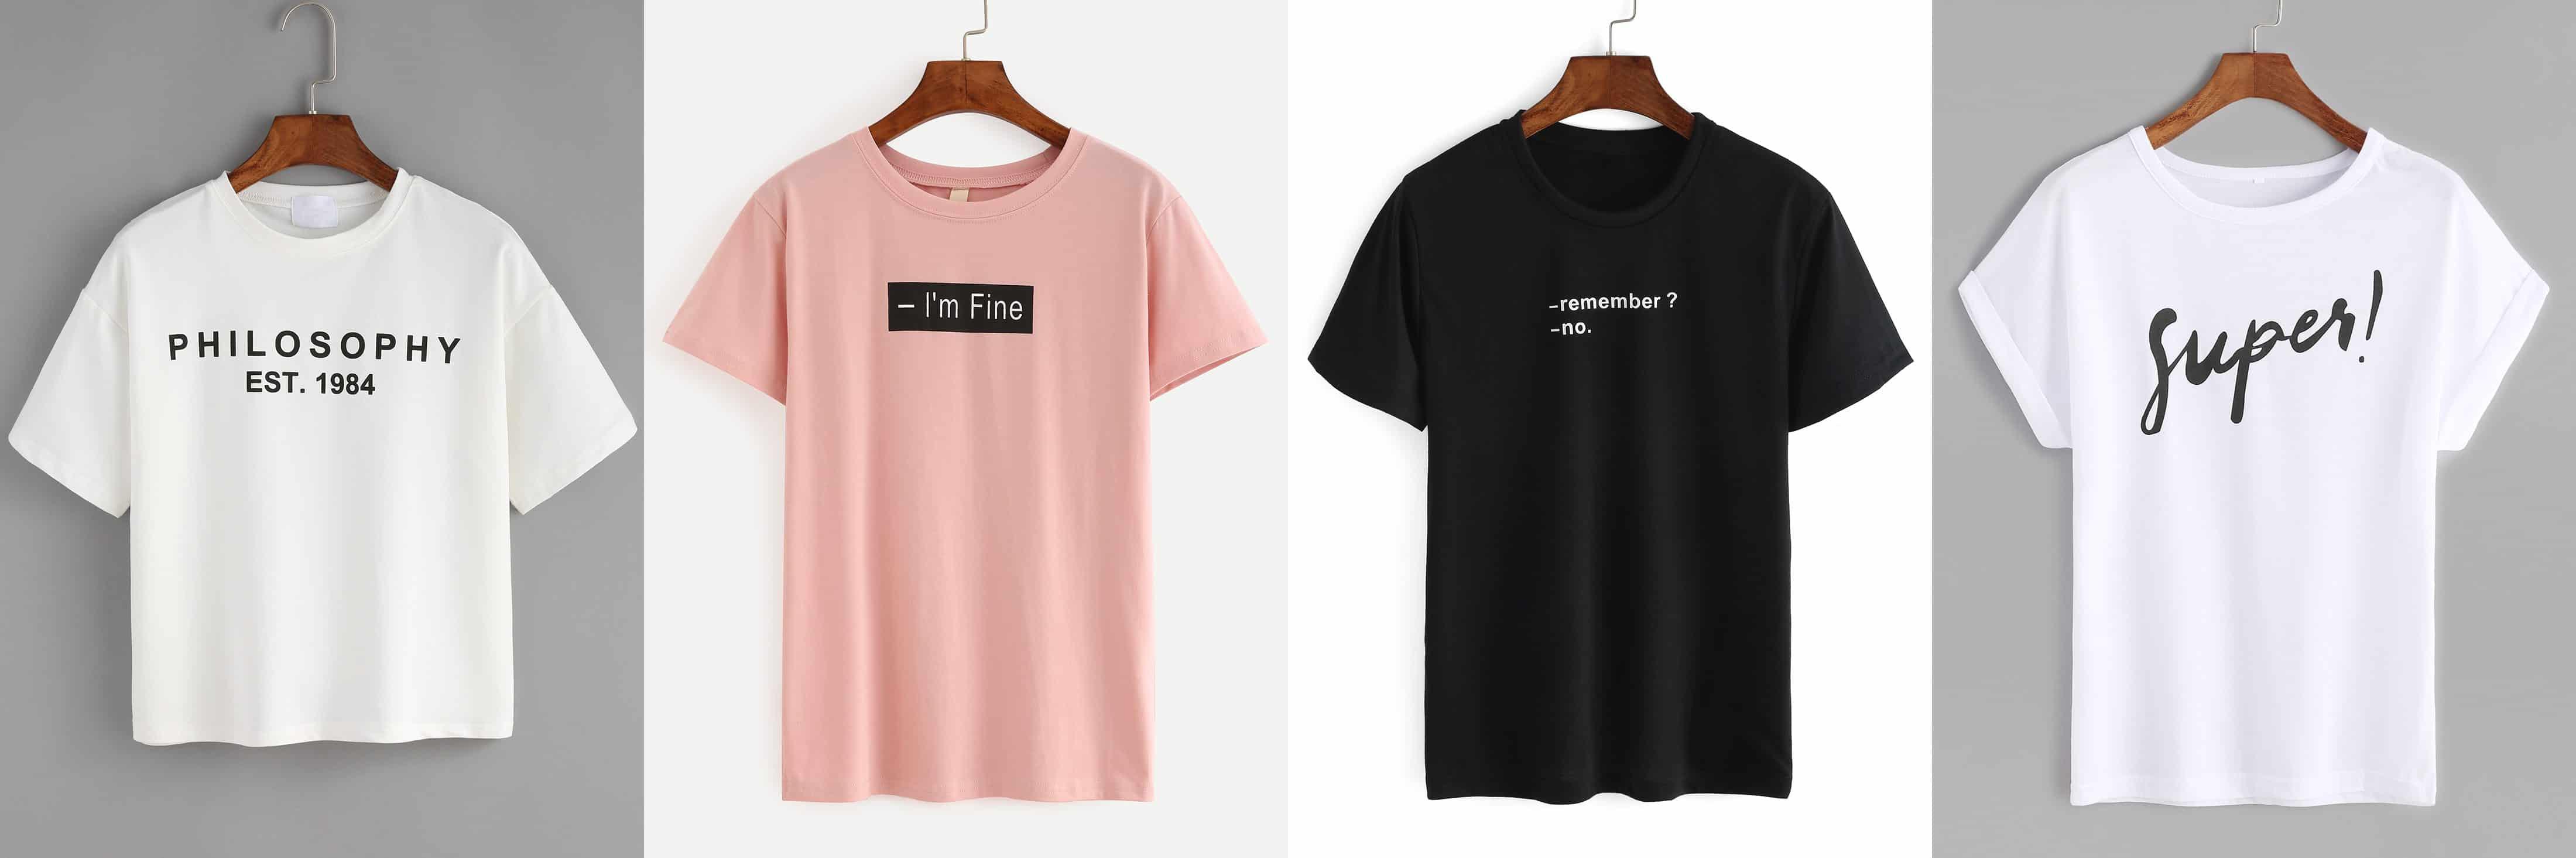 Camisetas con slogan